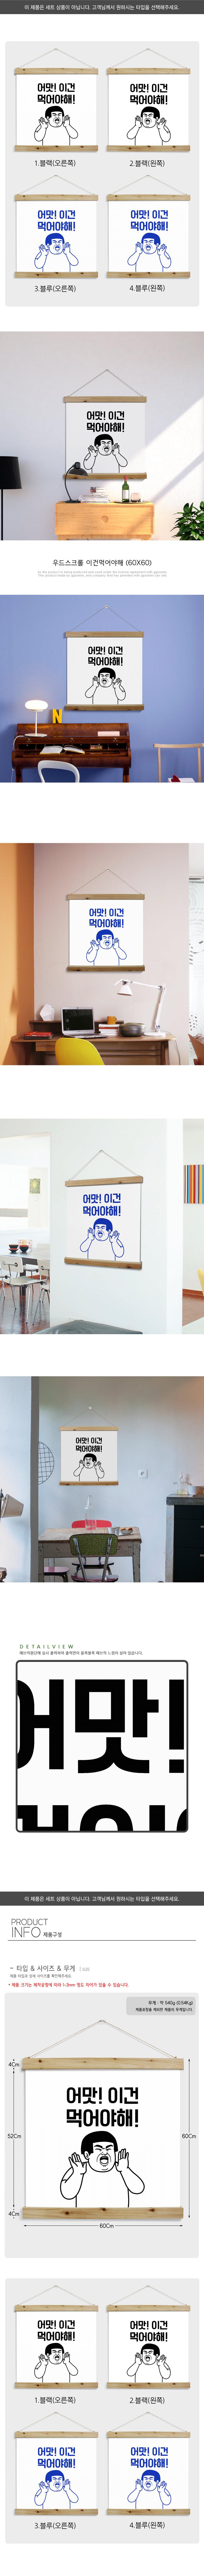 우드스크롤_60CmX60Cm-이건먹어야해 - 꾸밈, 38,000원, 홈갤러리, 패브릭포스터